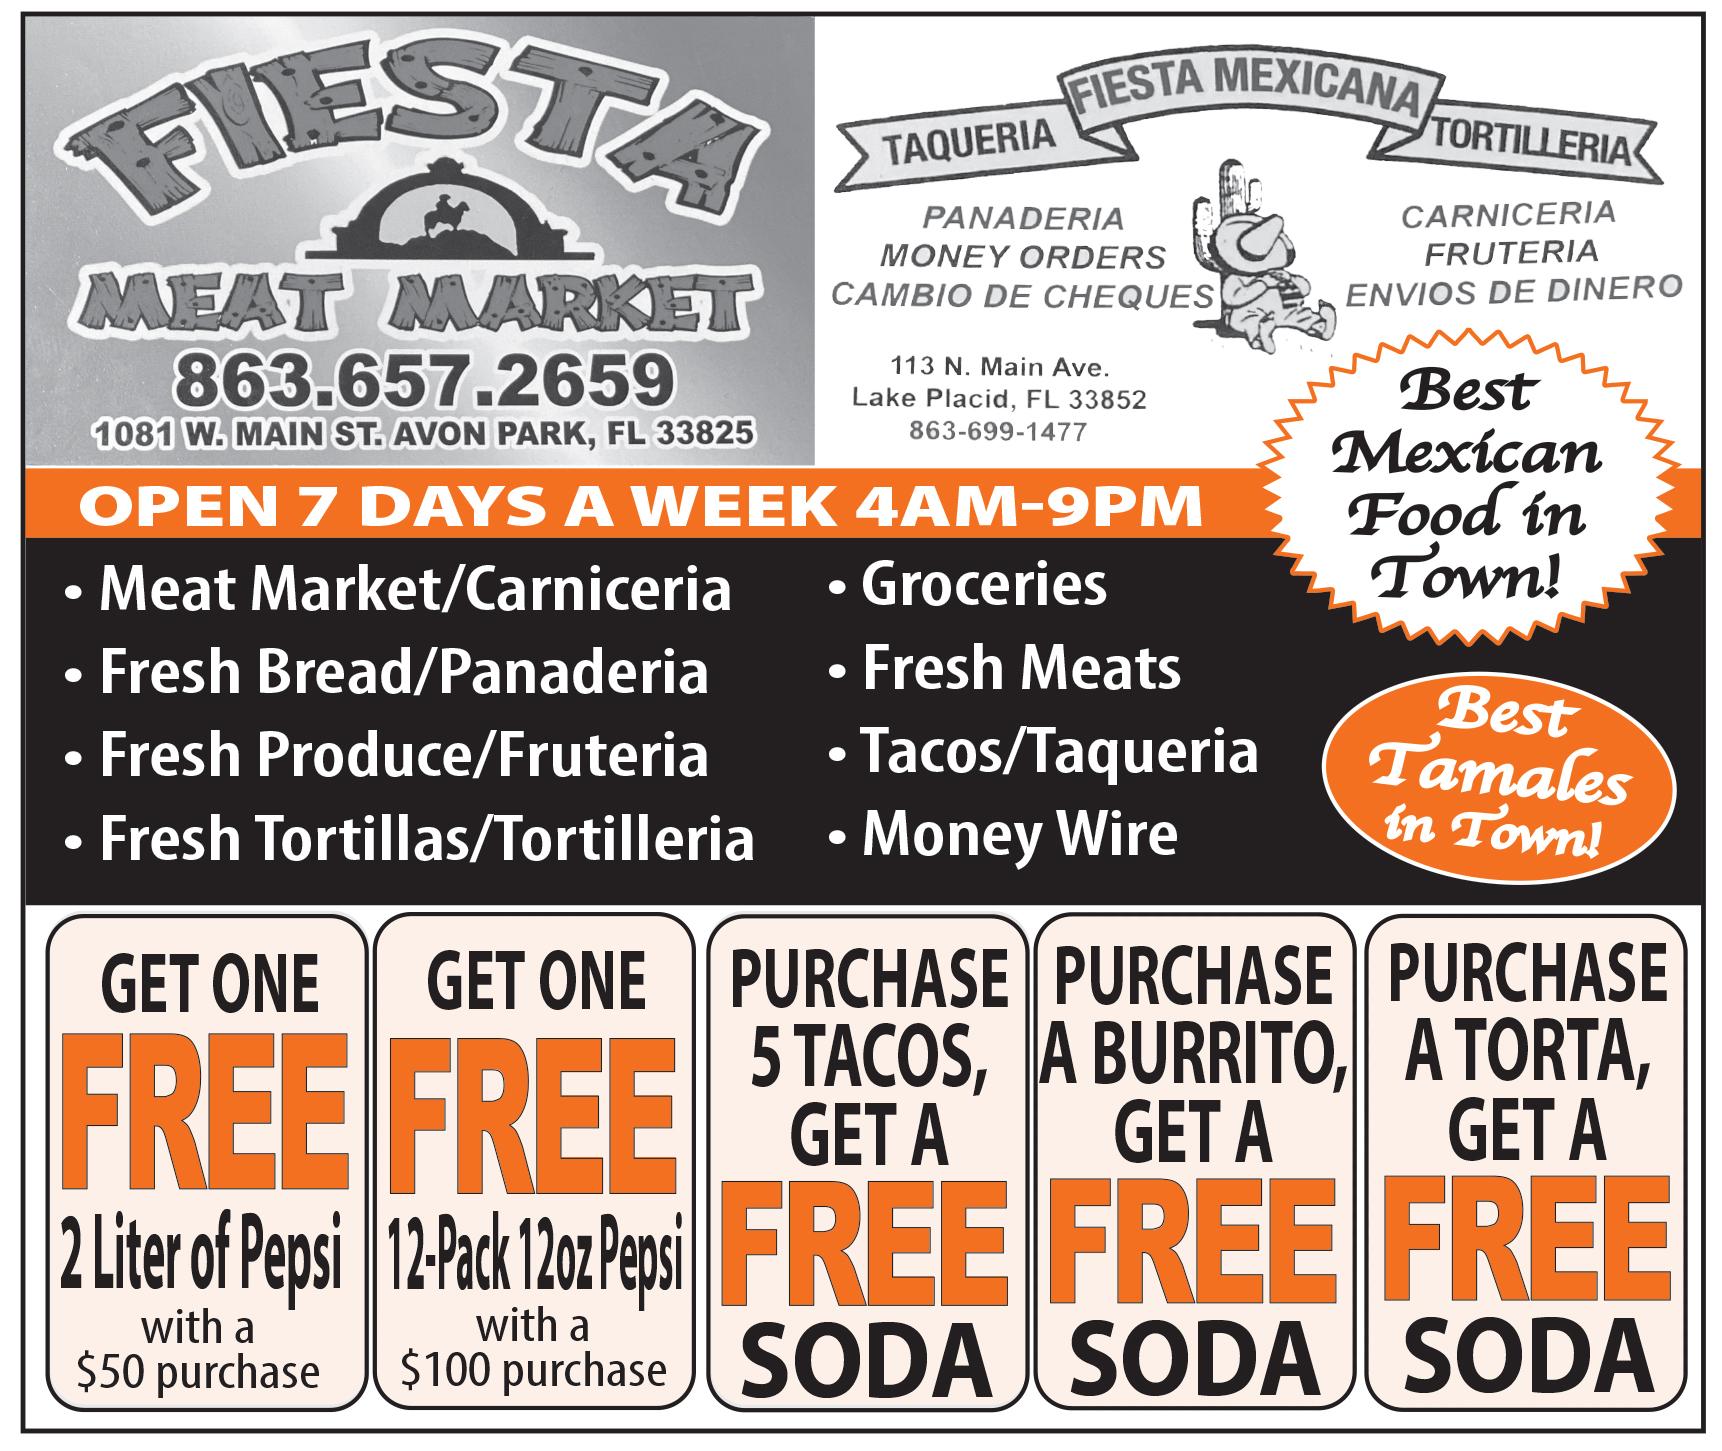 Fiesta-Meat-Market